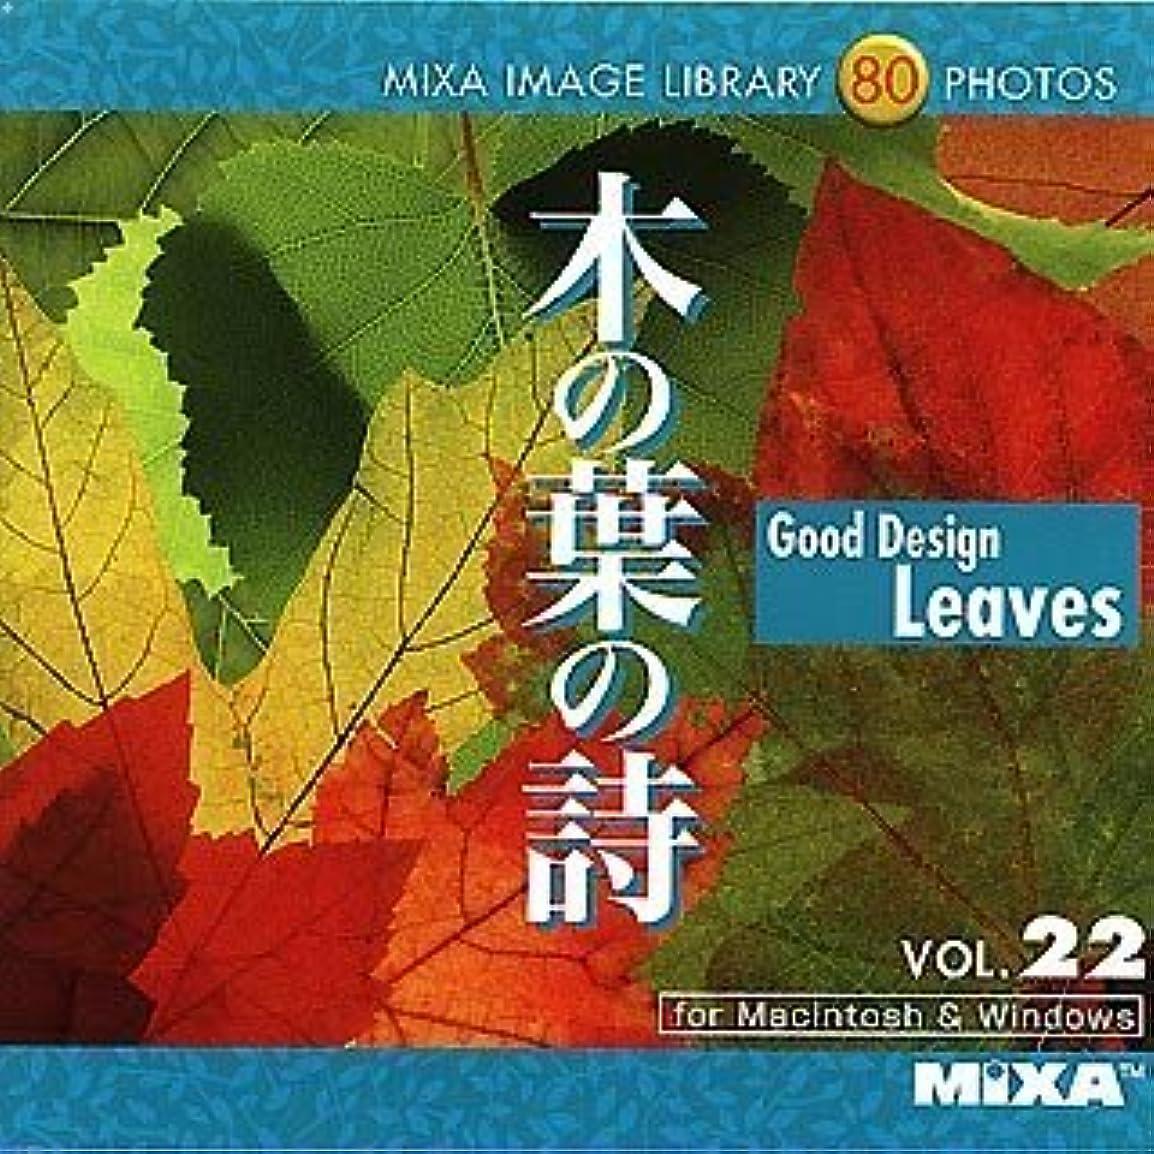 破壊する速度マニアックMIXA IMAGE LIBRARY Vol.22 木の葉の詩